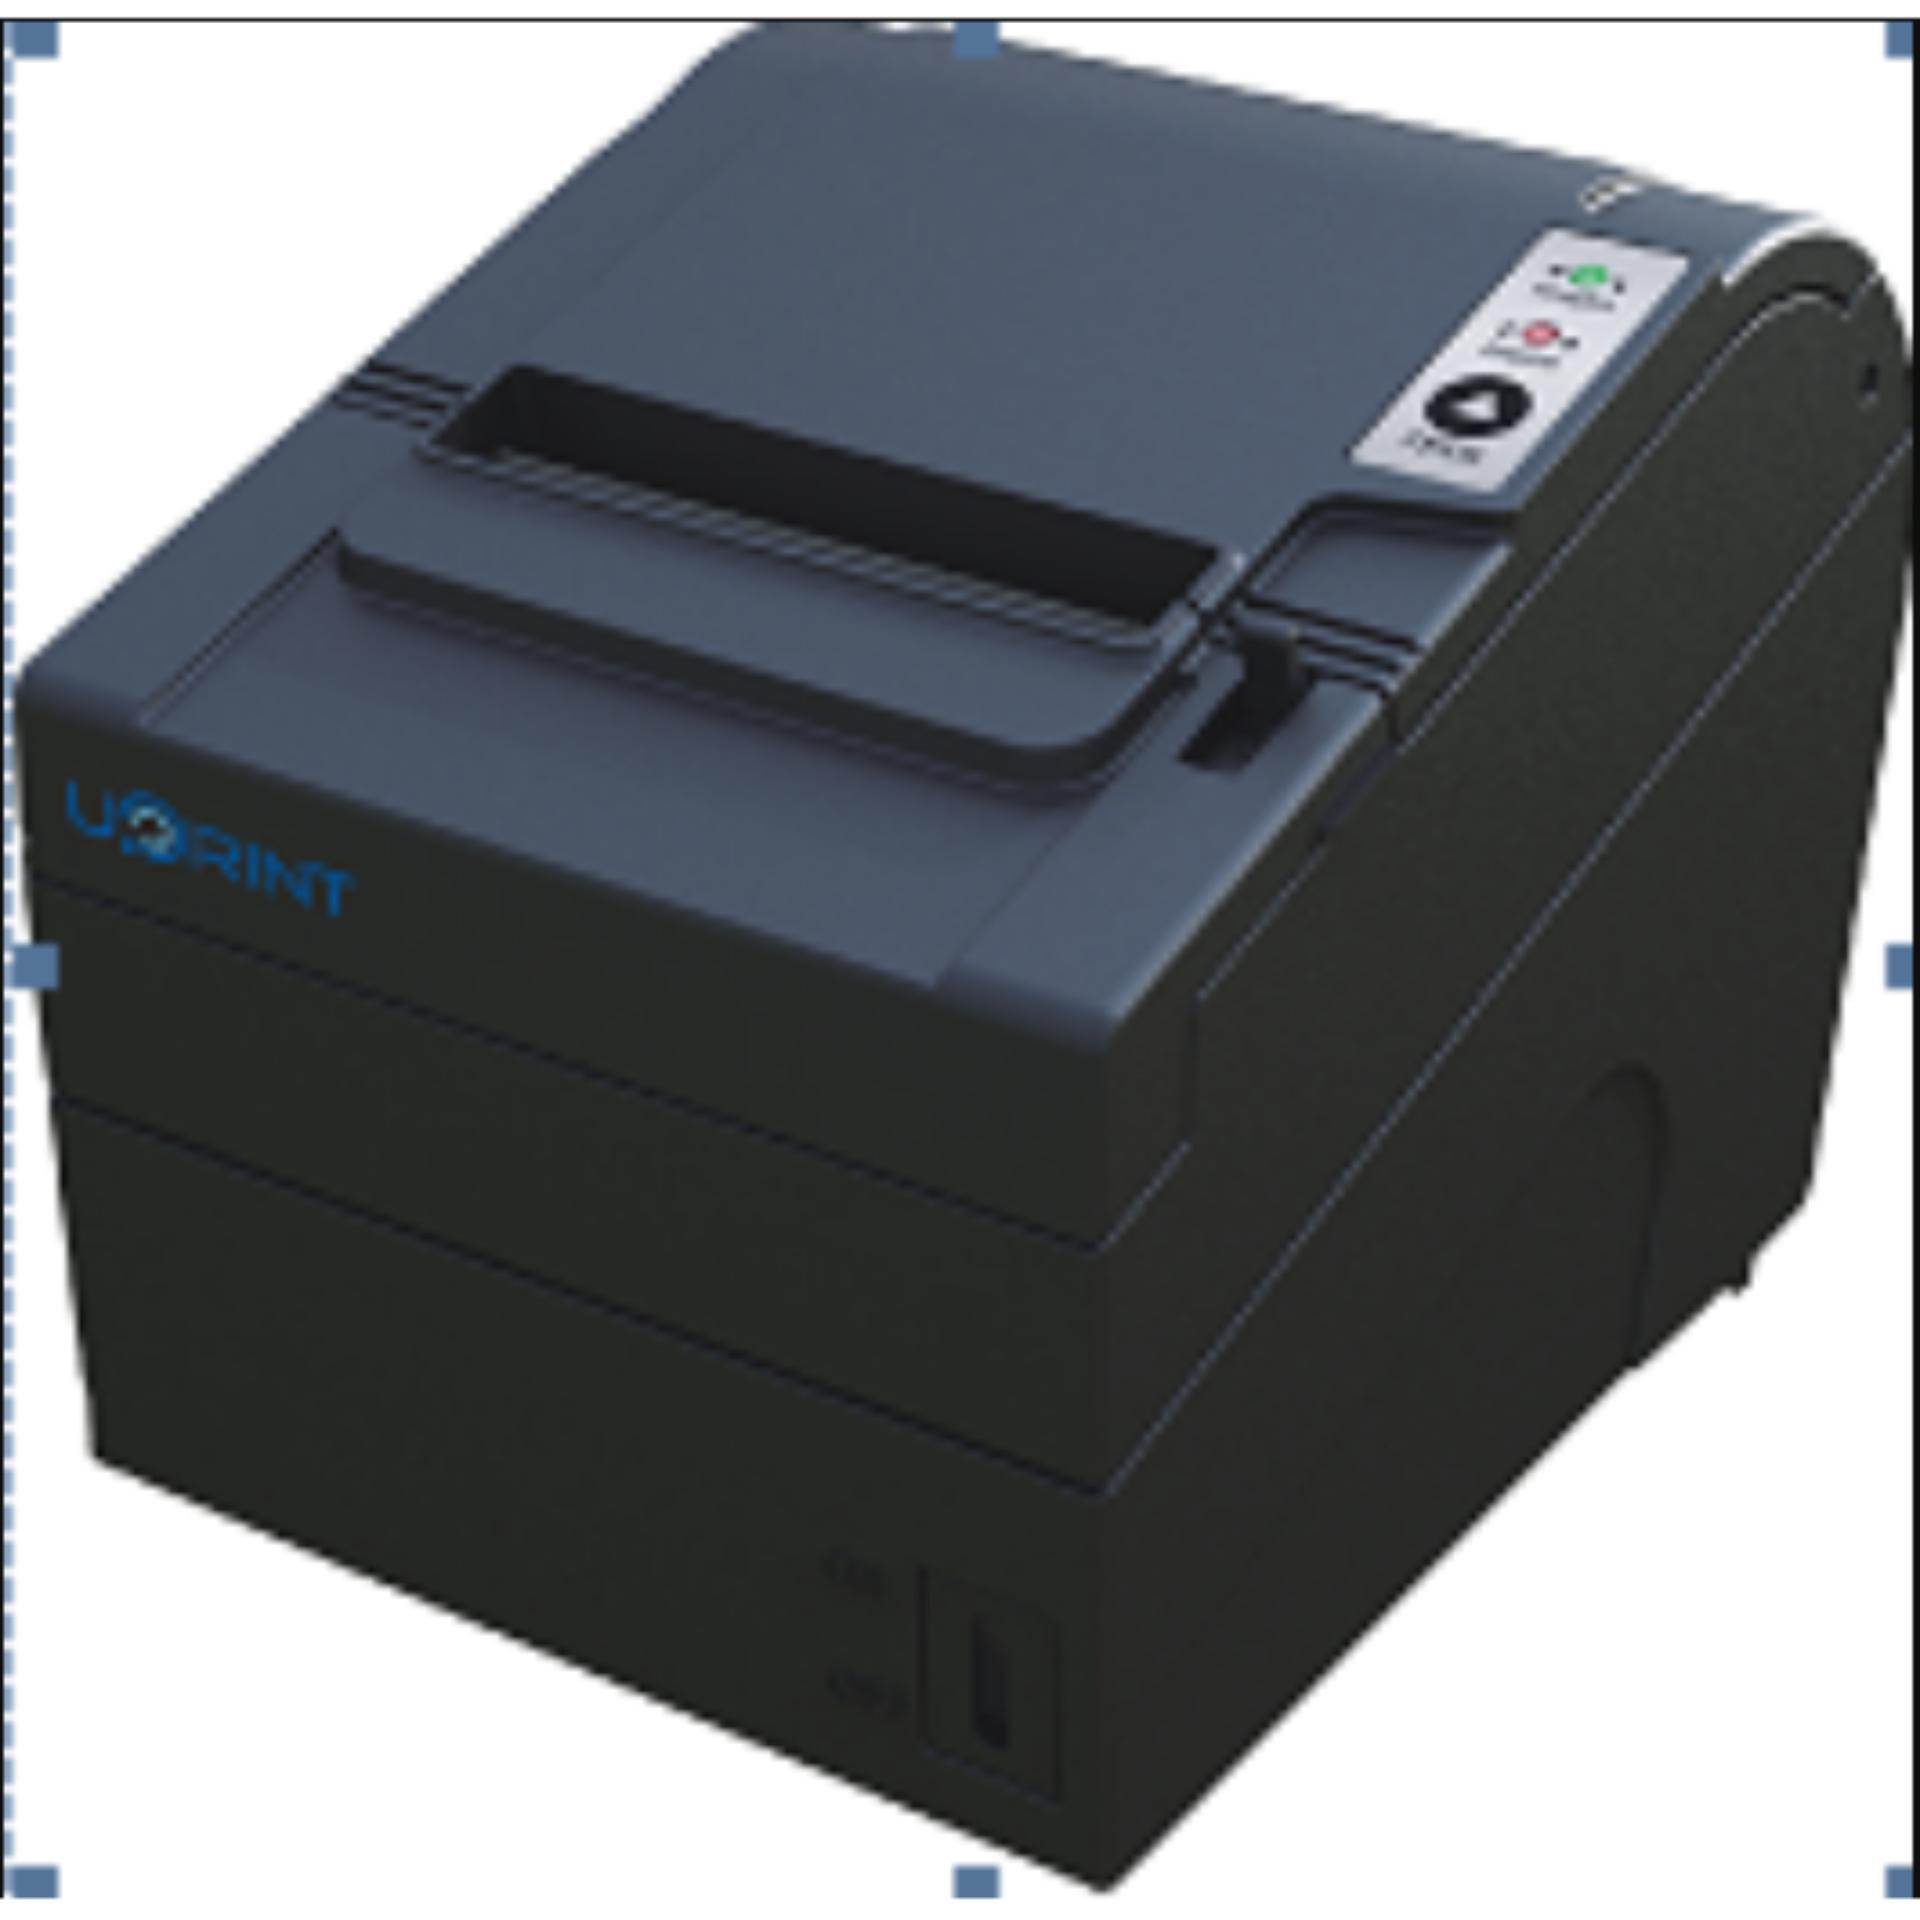 So sánh giá Máy in hóa đơn Antech U80 (Đen) Tại Máy bán hàng – EXIMVN